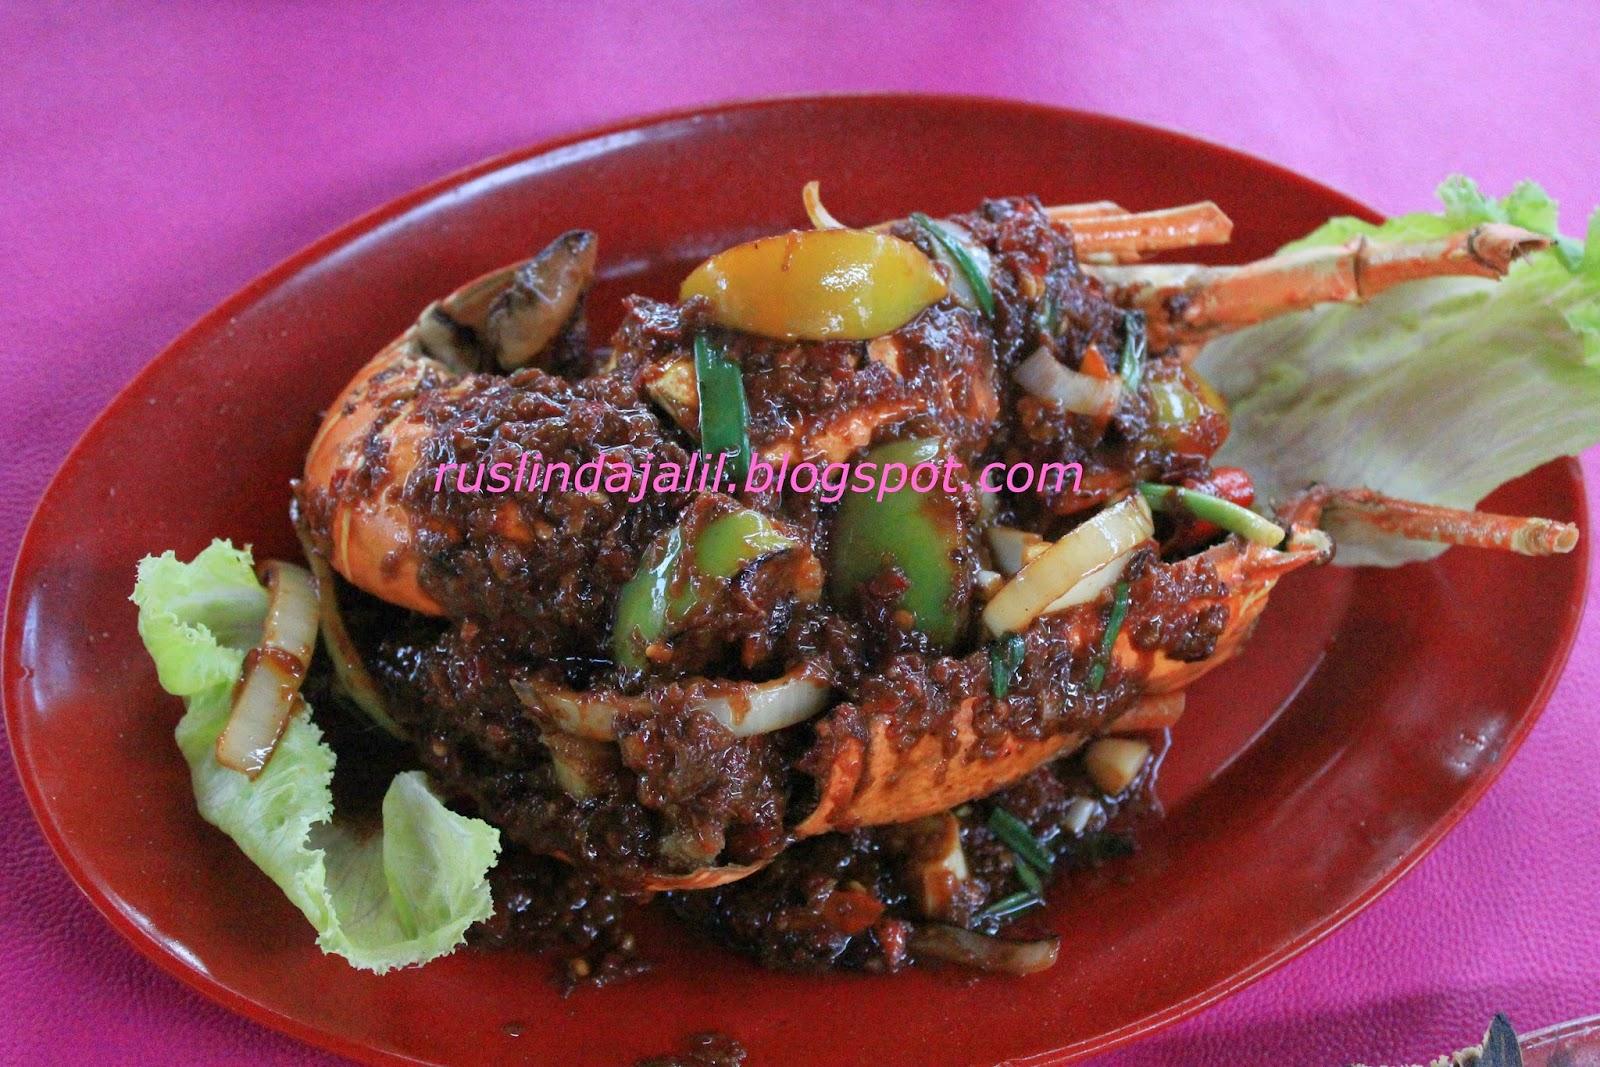 ruslindajalil.blogspot.com